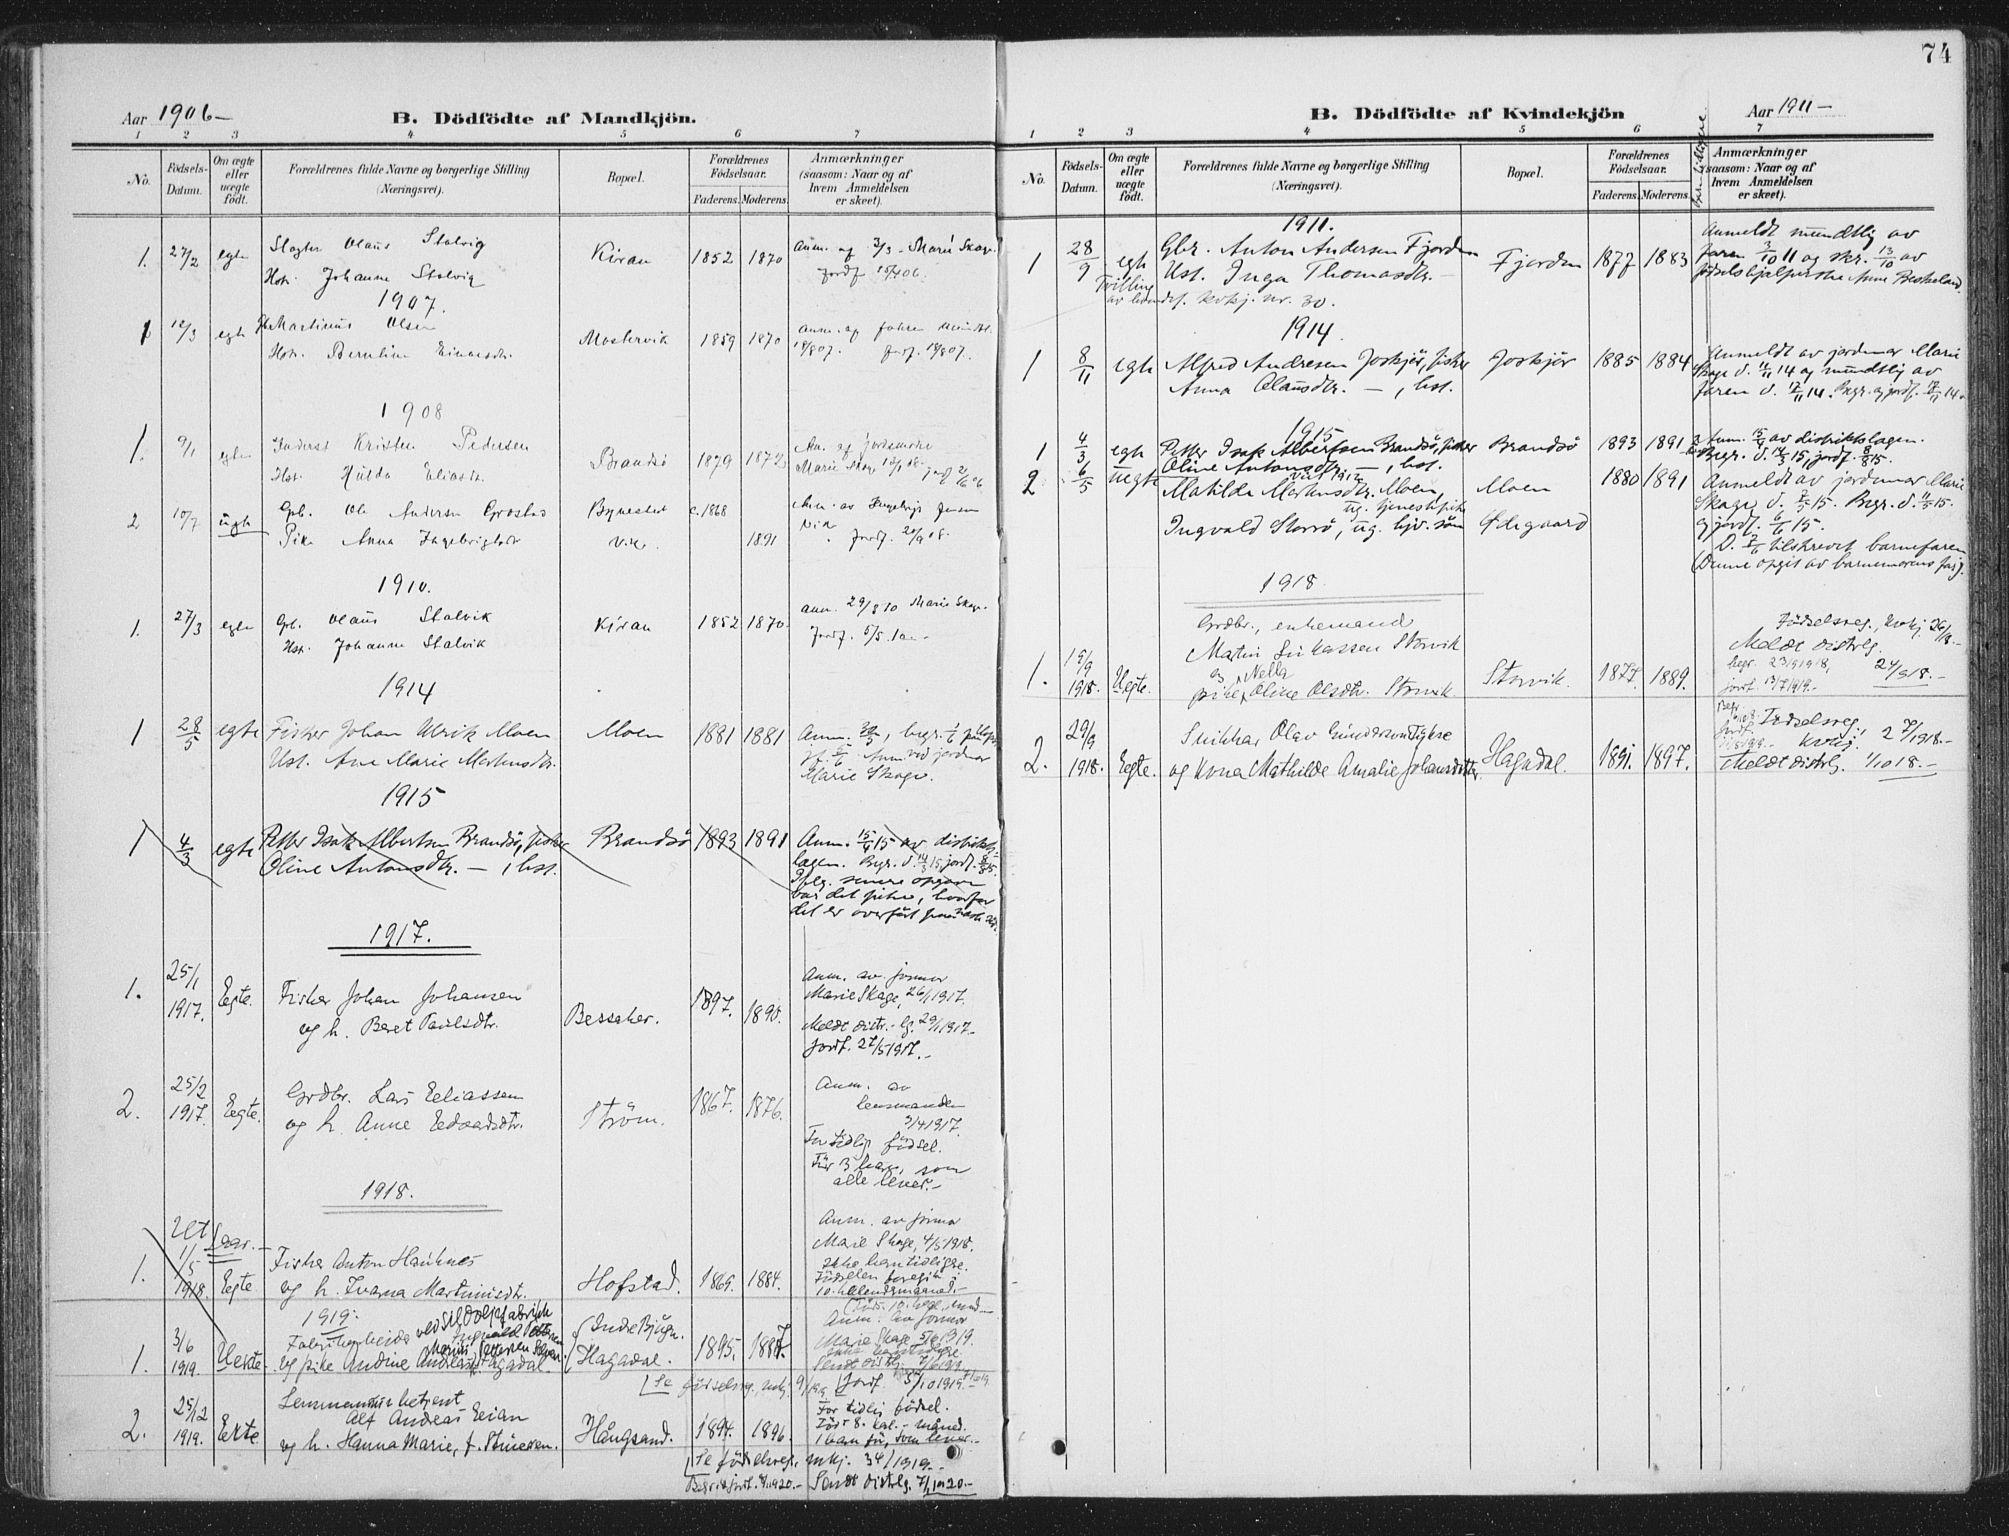 SAT, Ministerialprotokoller, klokkerbøker og fødselsregistre - Sør-Trøndelag, 657/L0709: Ministerialbok nr. 657A10, 1905-1919, s. 74